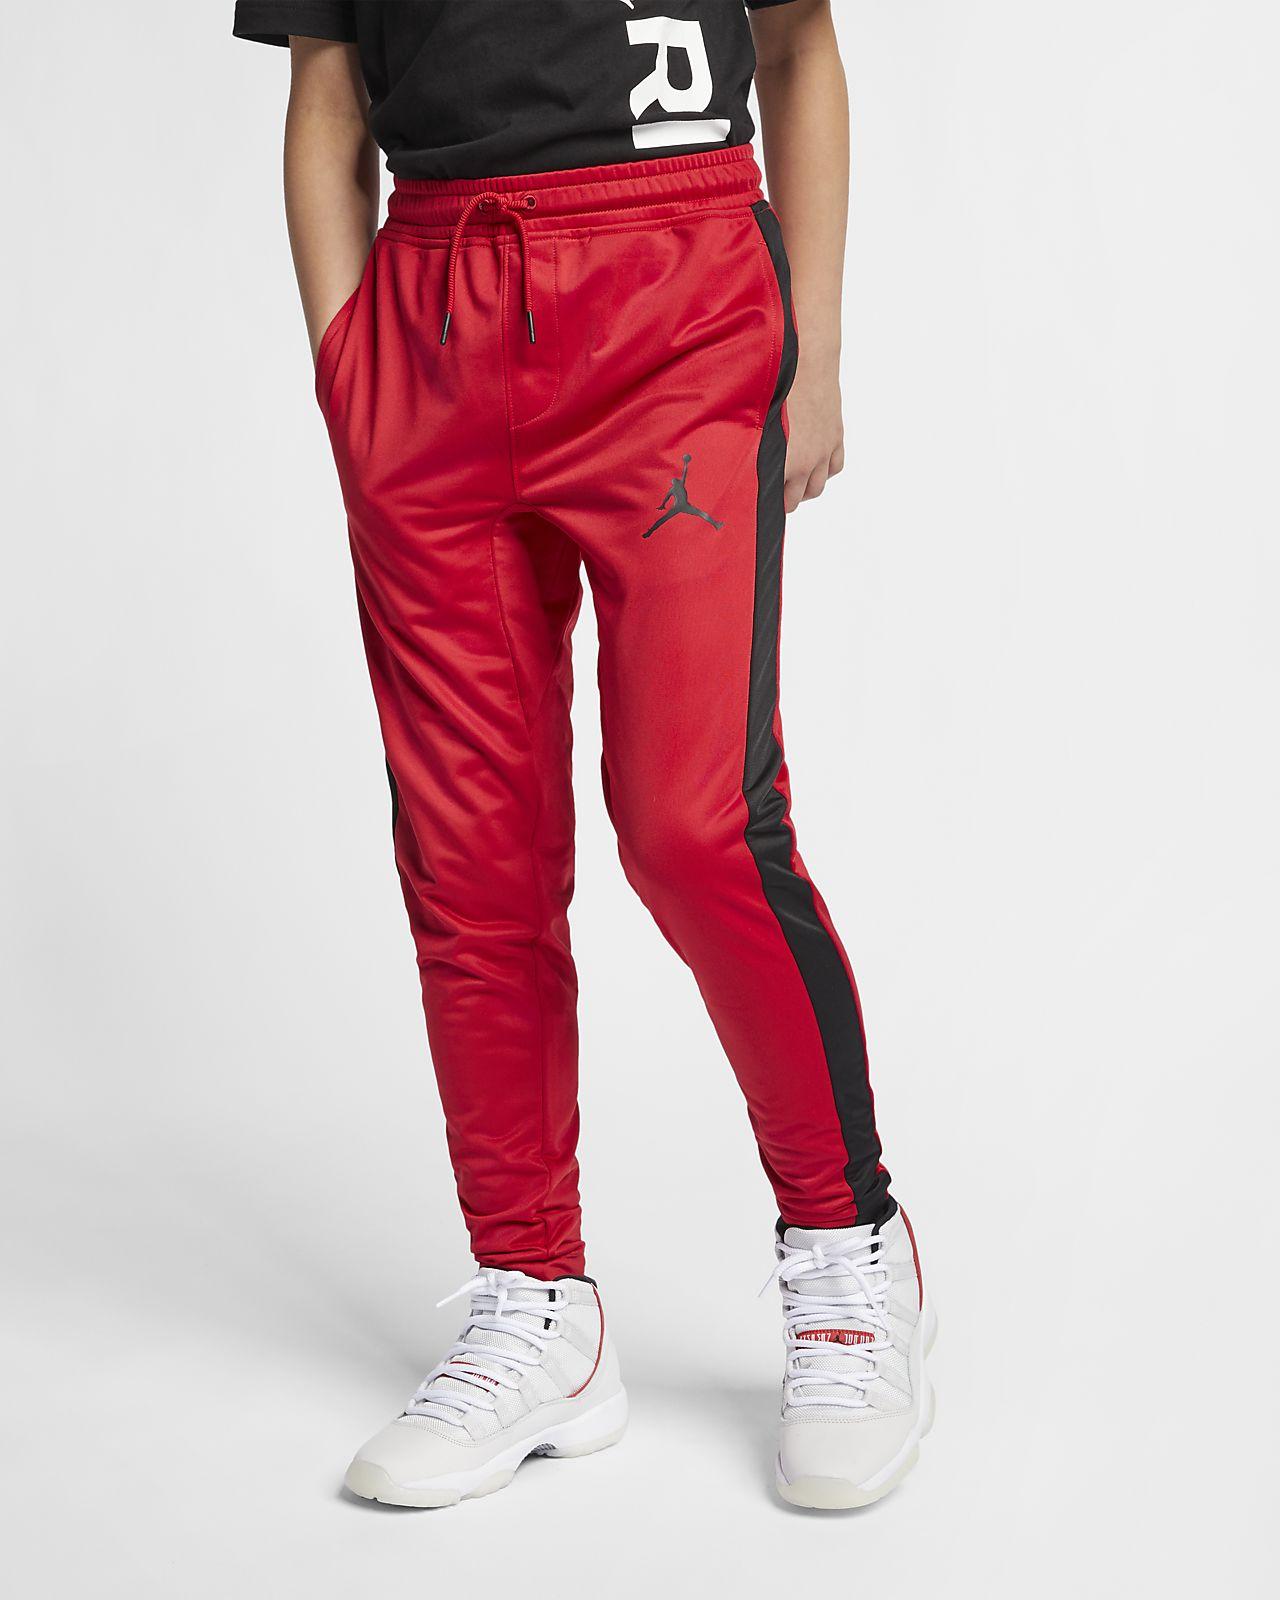 Παντελόνι Jordan Sportswear Diamond για μεγάλα αγόρια